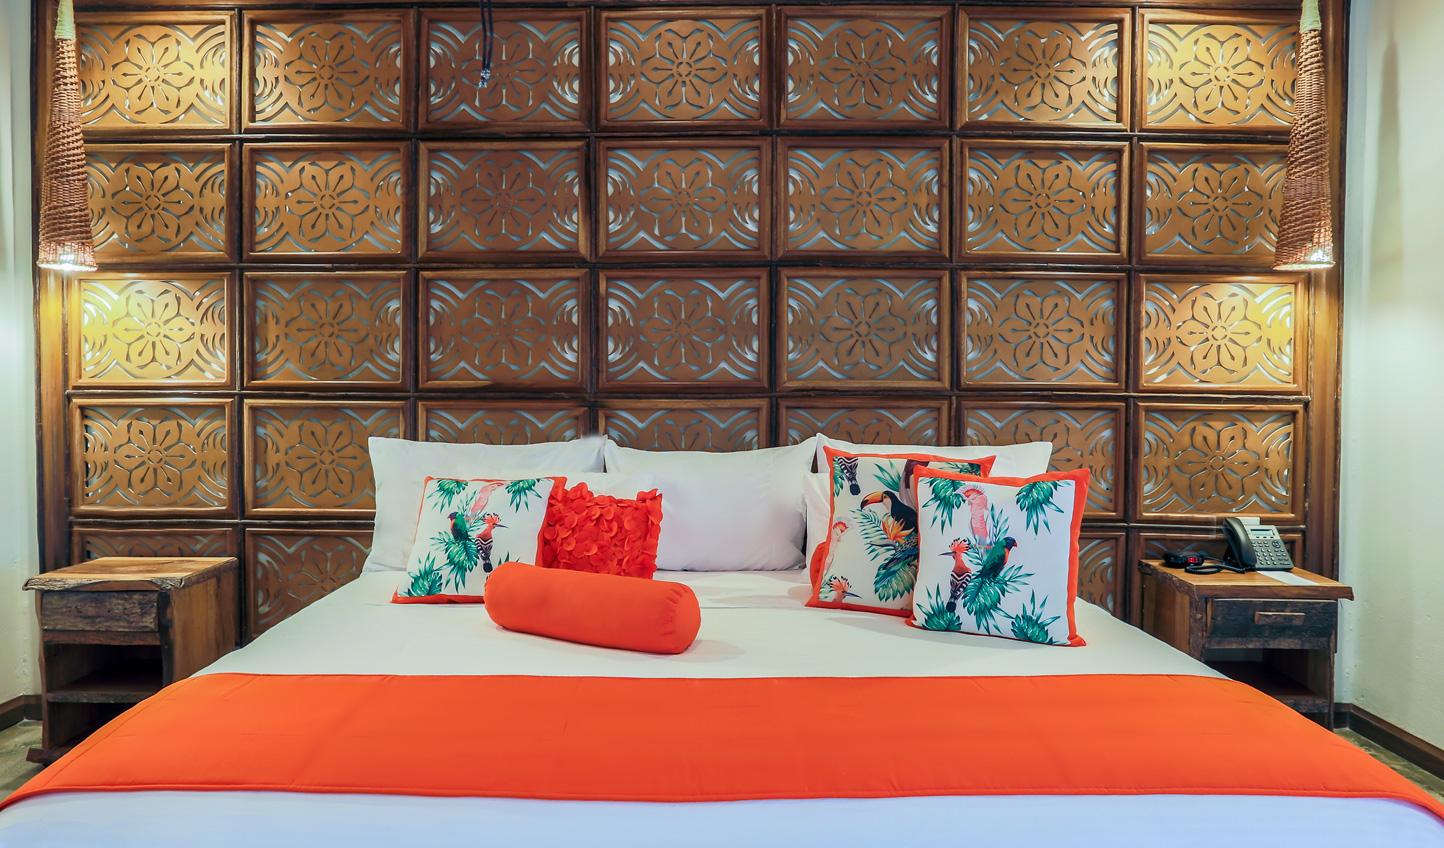 Vibrant colour accents make the suites pop